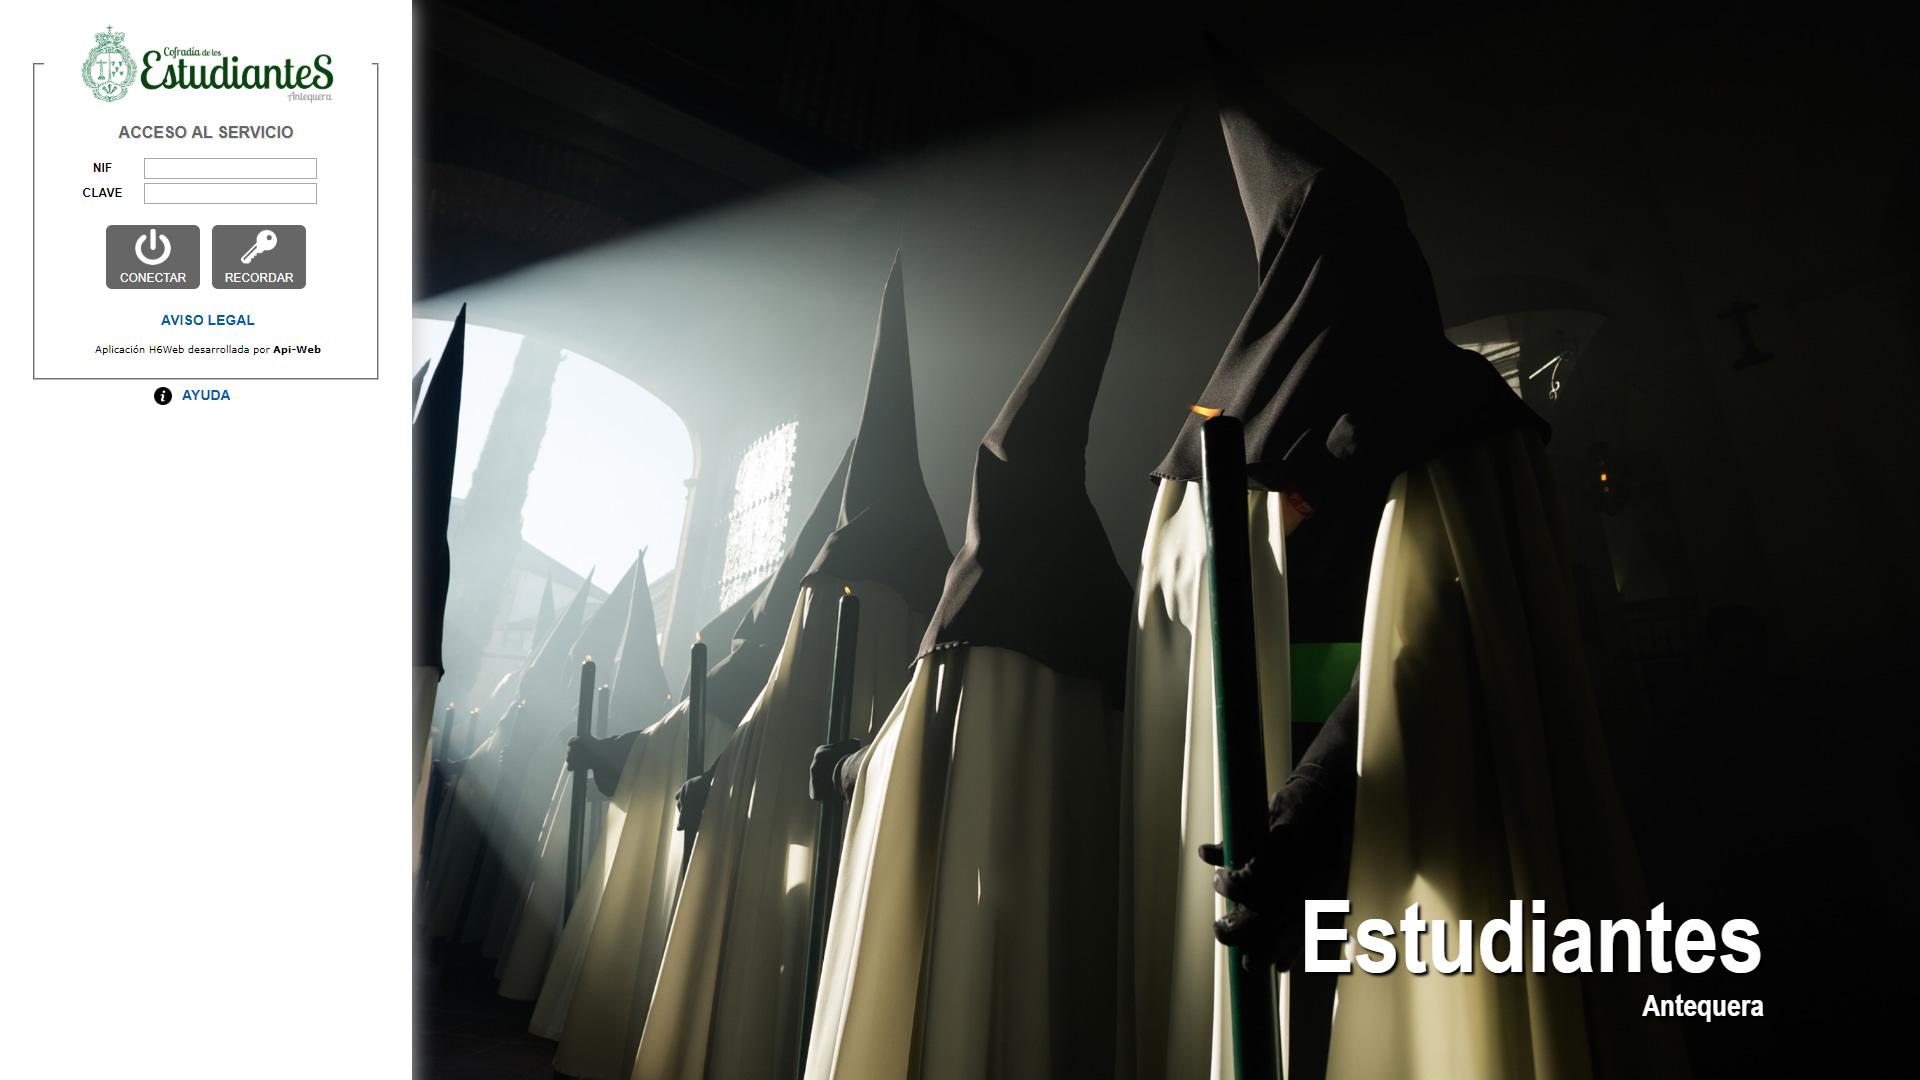 H6Web: Cofradía de los Estudiantes (Antequera)